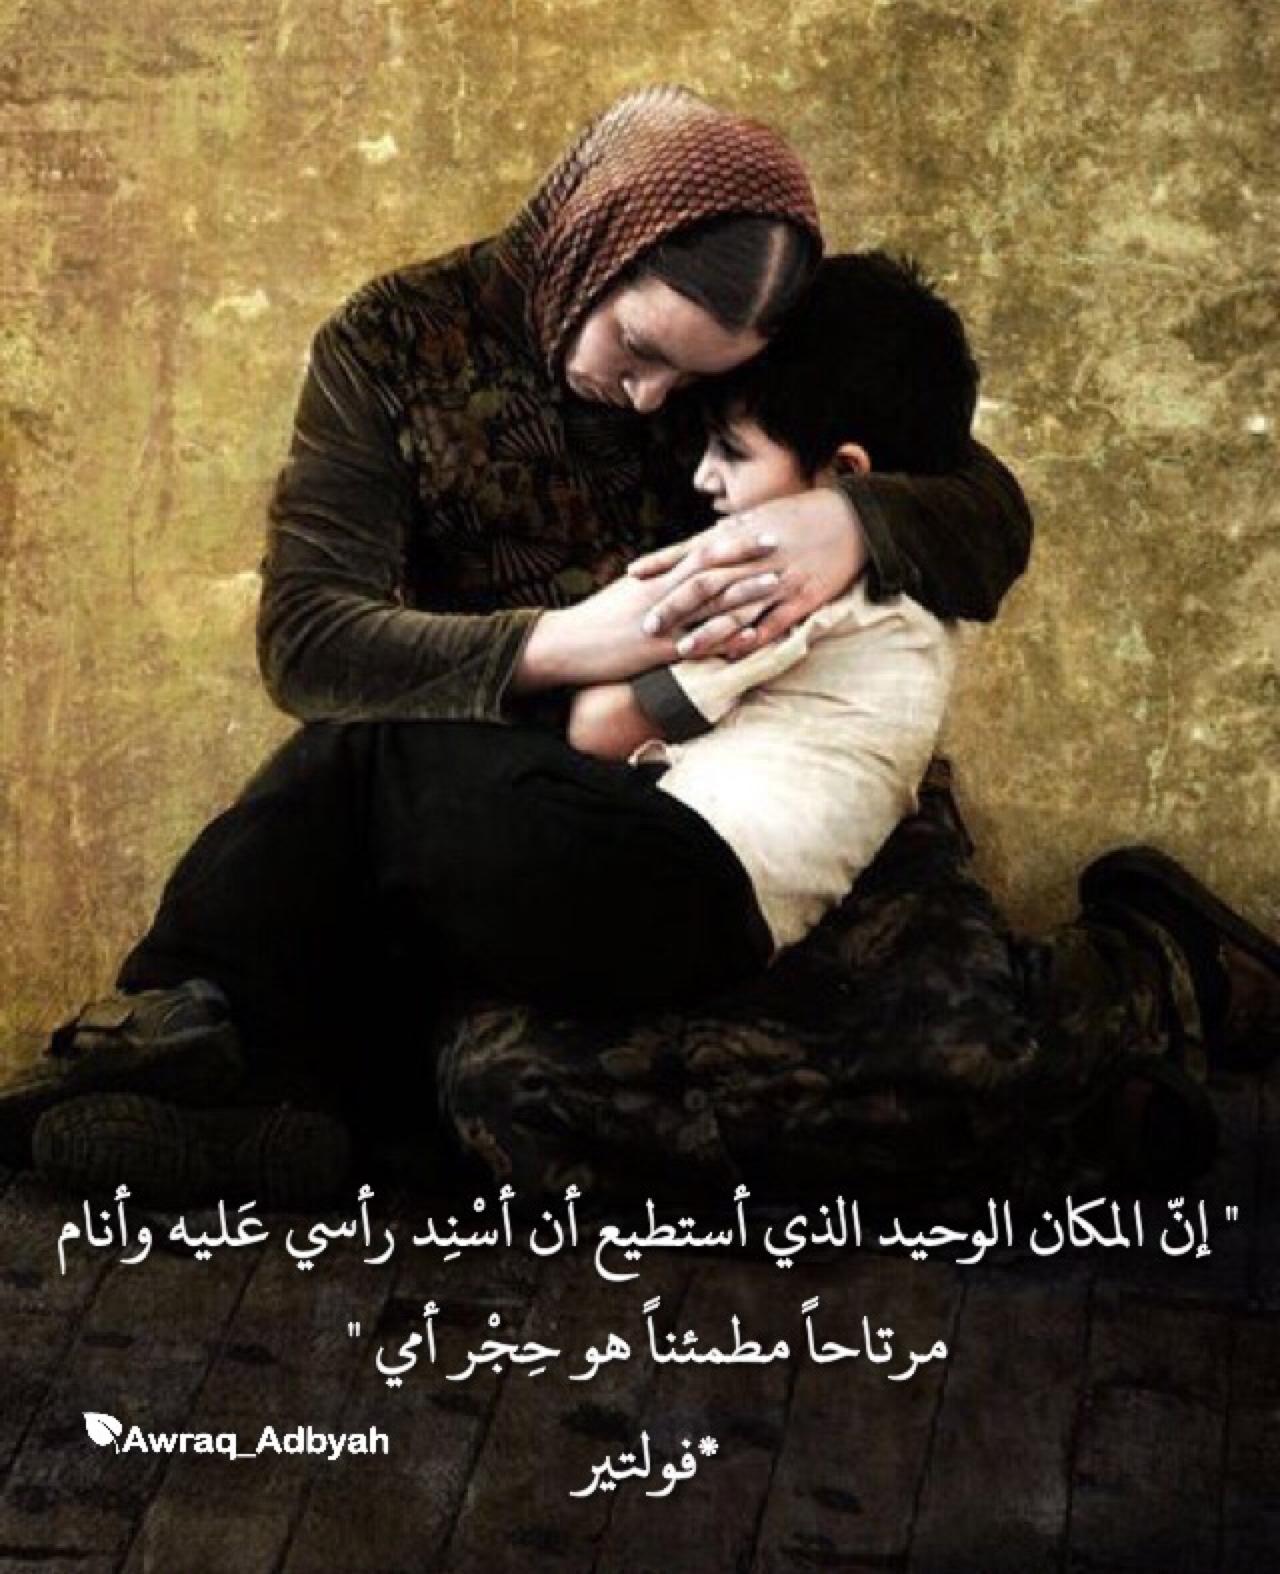 صوره كلام عن الام مؤثر , عبارات قصير لكنها مؤثرة عن الام